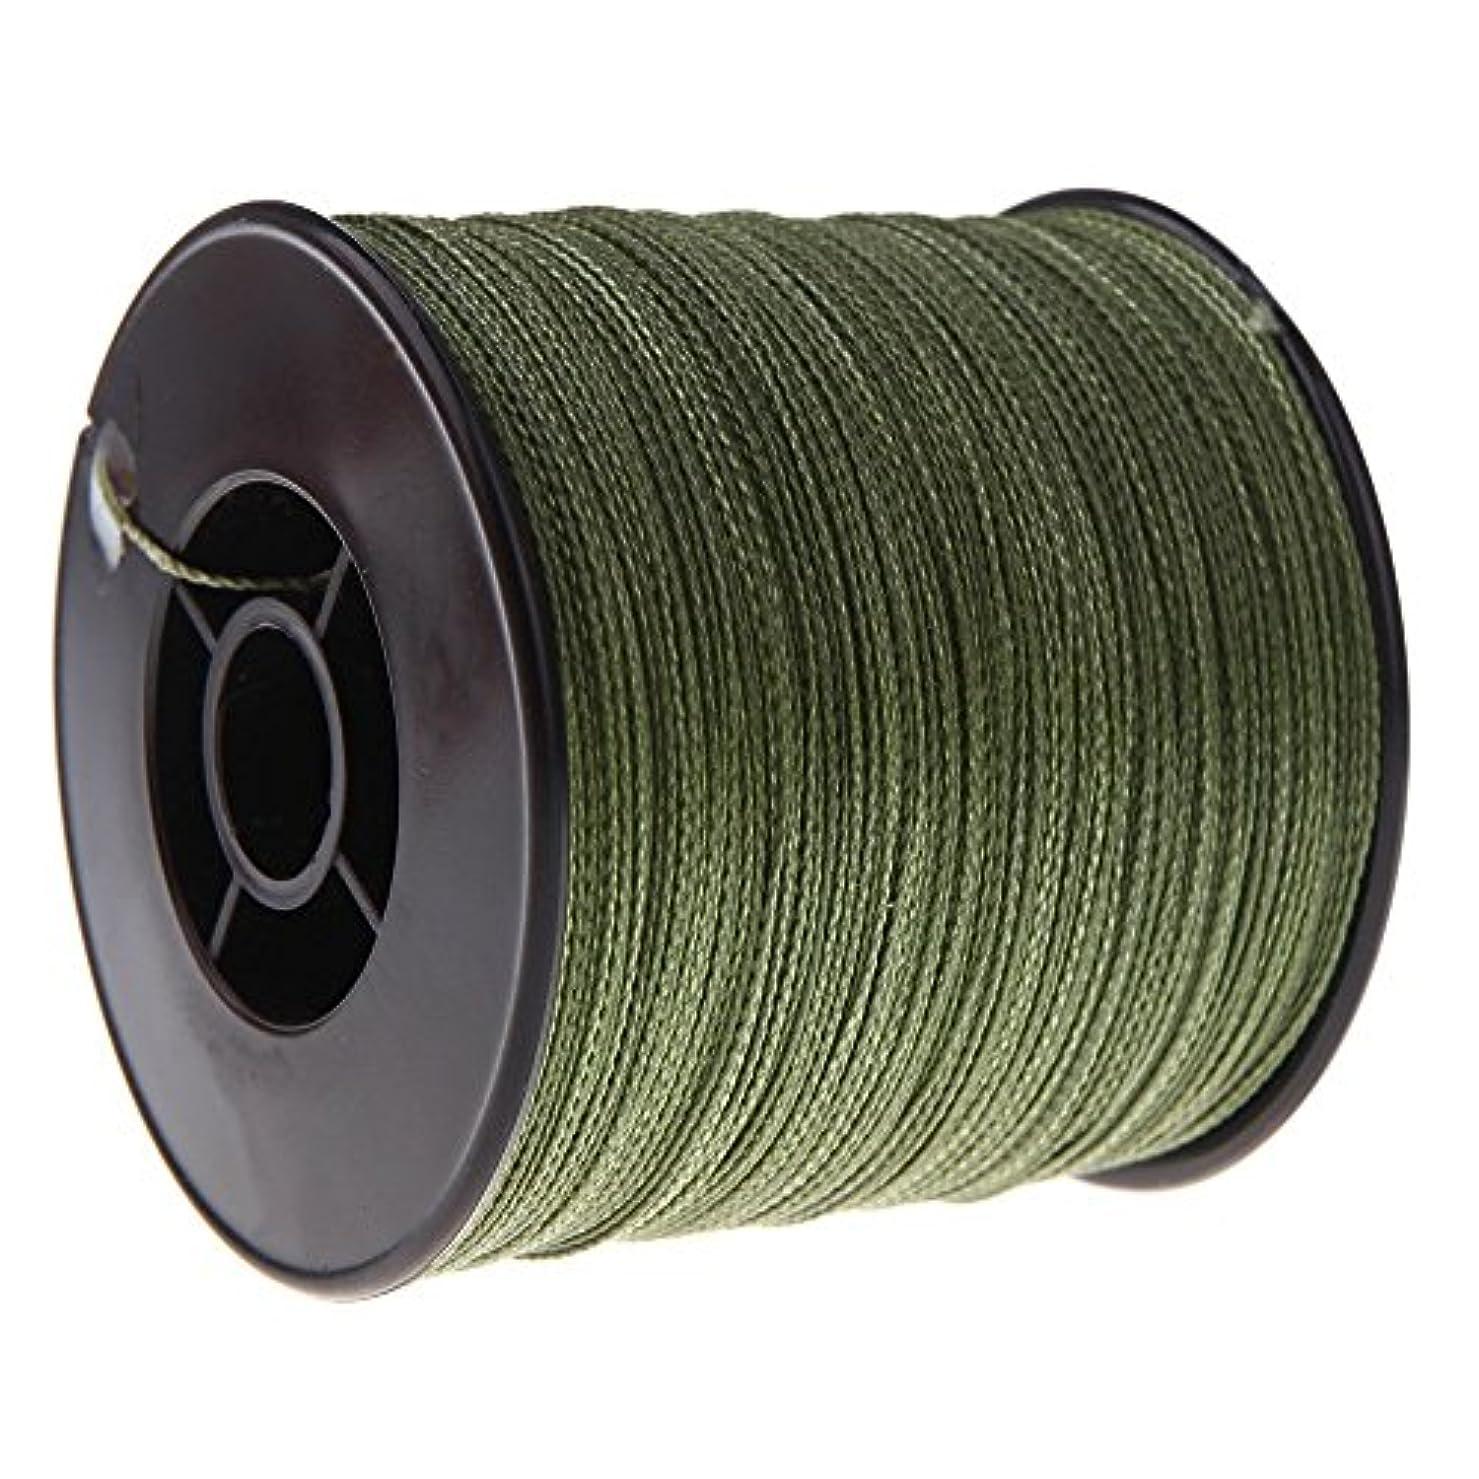 連想森果てしないACAMPTAR 300M釣り糸 100 LB 0.55mm 丈夫 PE 編み 緑